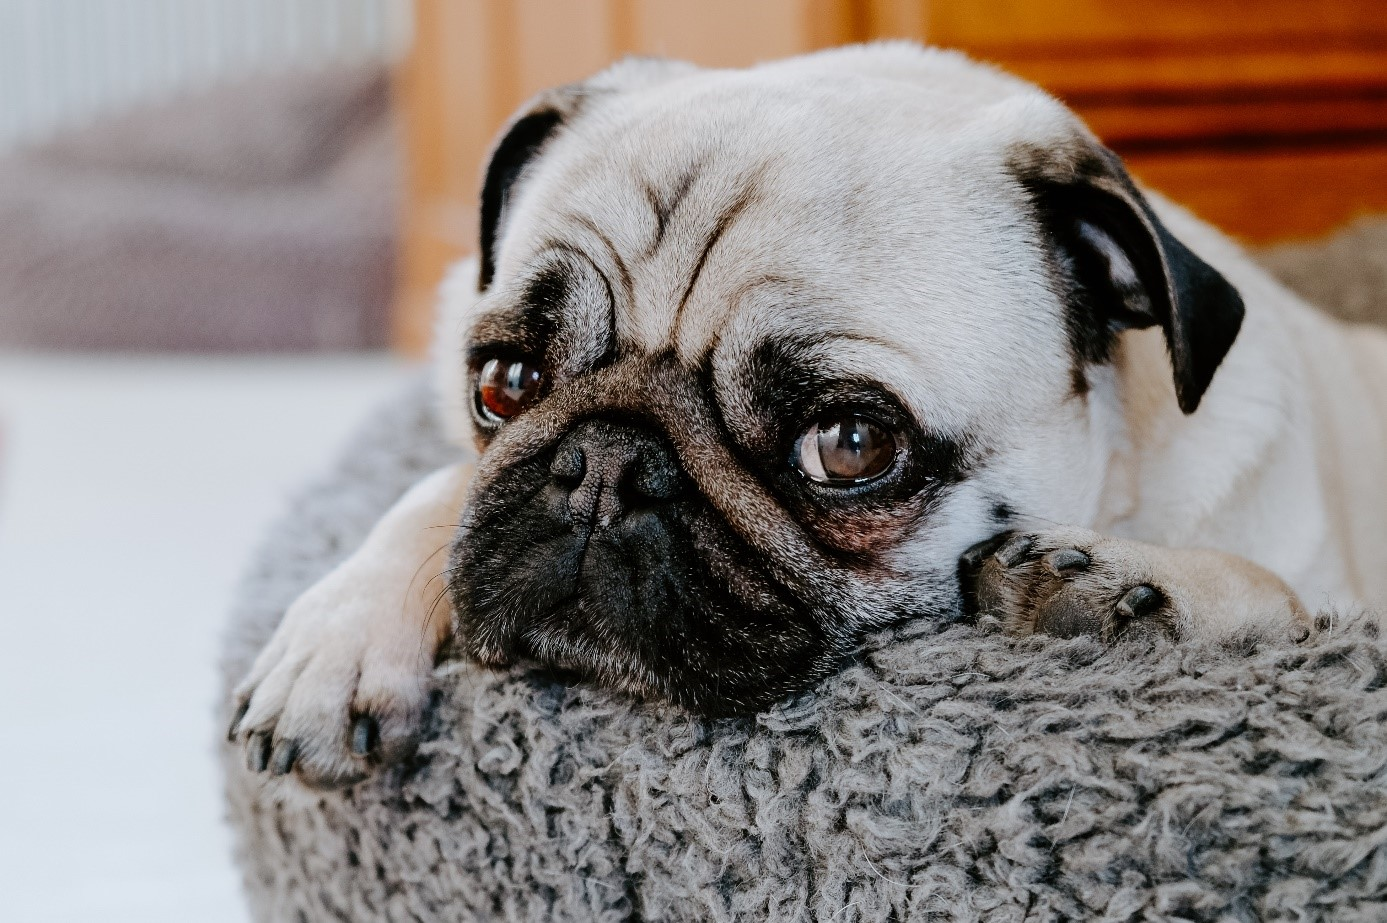 Hund erkrankte an einer Nahrungsmittelallergie, ich hatte der Royal Canin Hypoallergenic zu danken